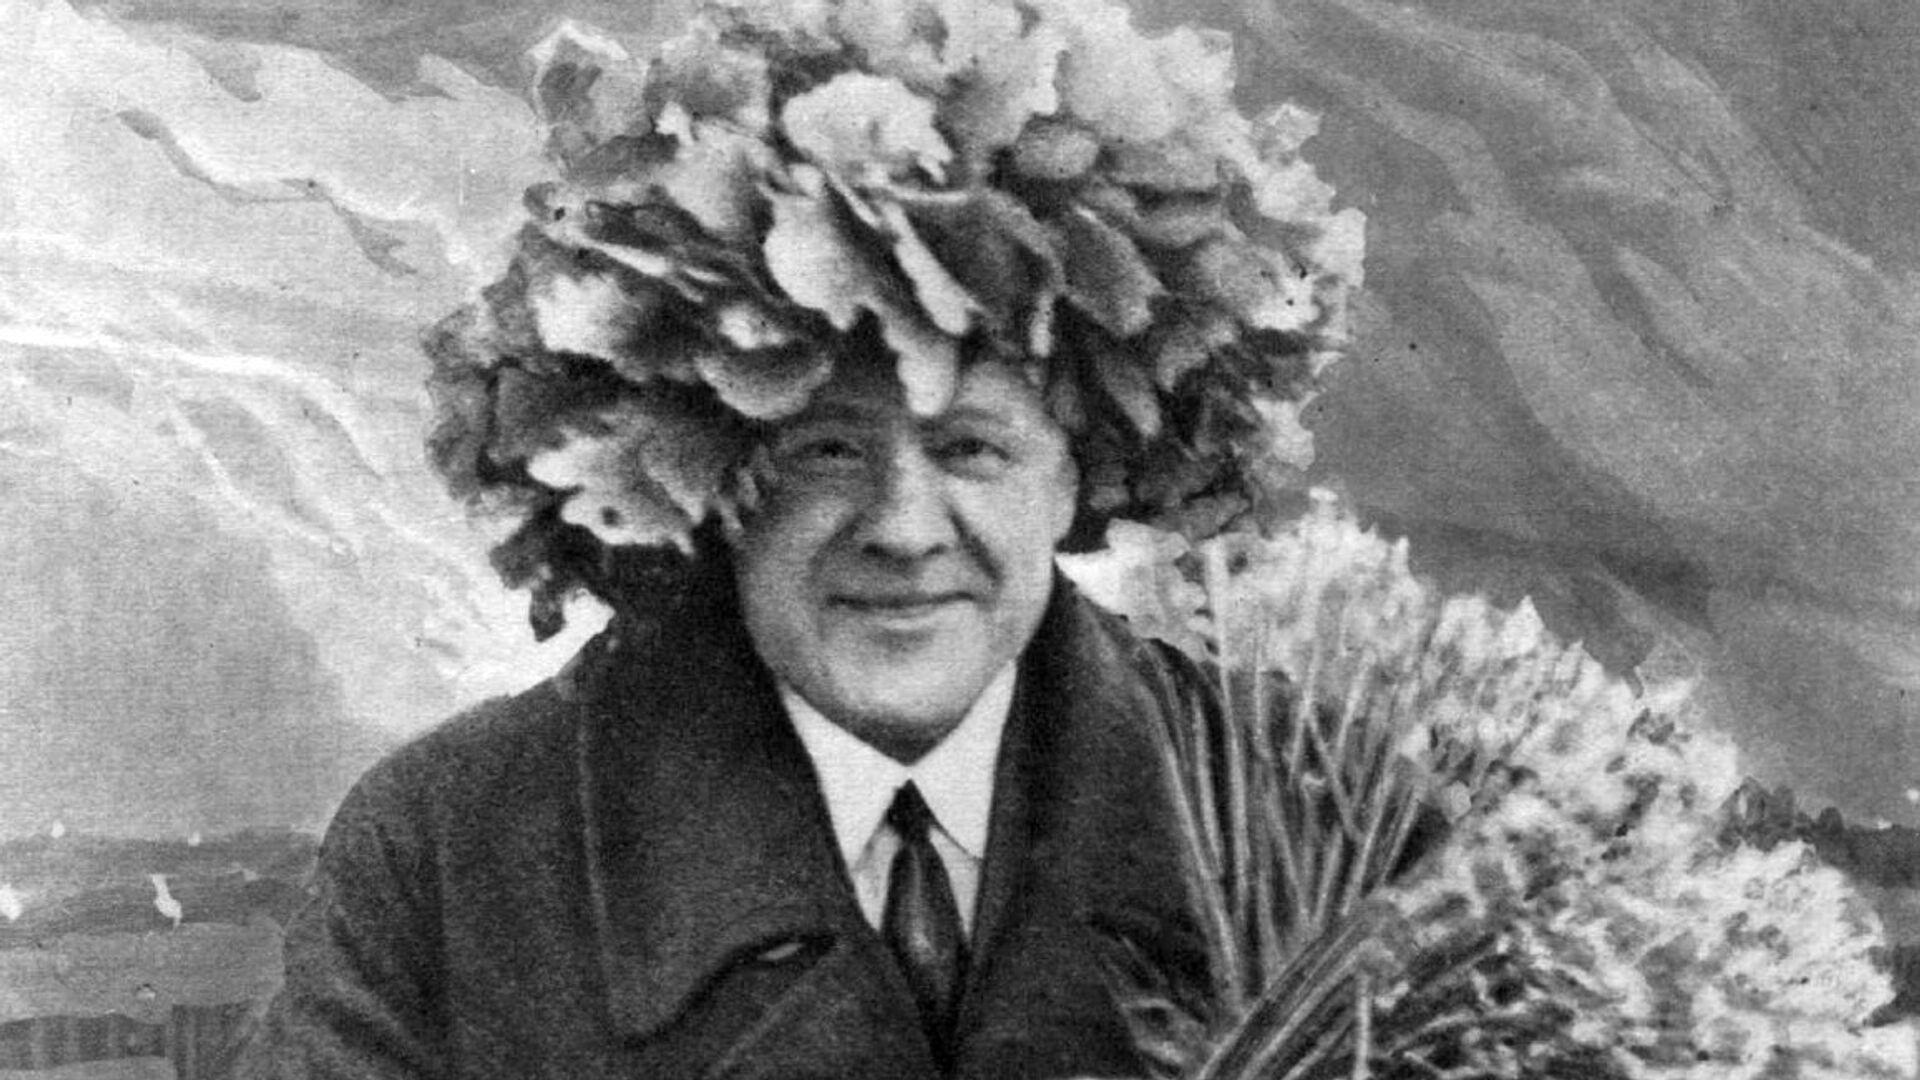 Карлис Улманис всегда ходил в пальто, даже на Лиго - Sputnik Латвия, 1920, 27.09.2021